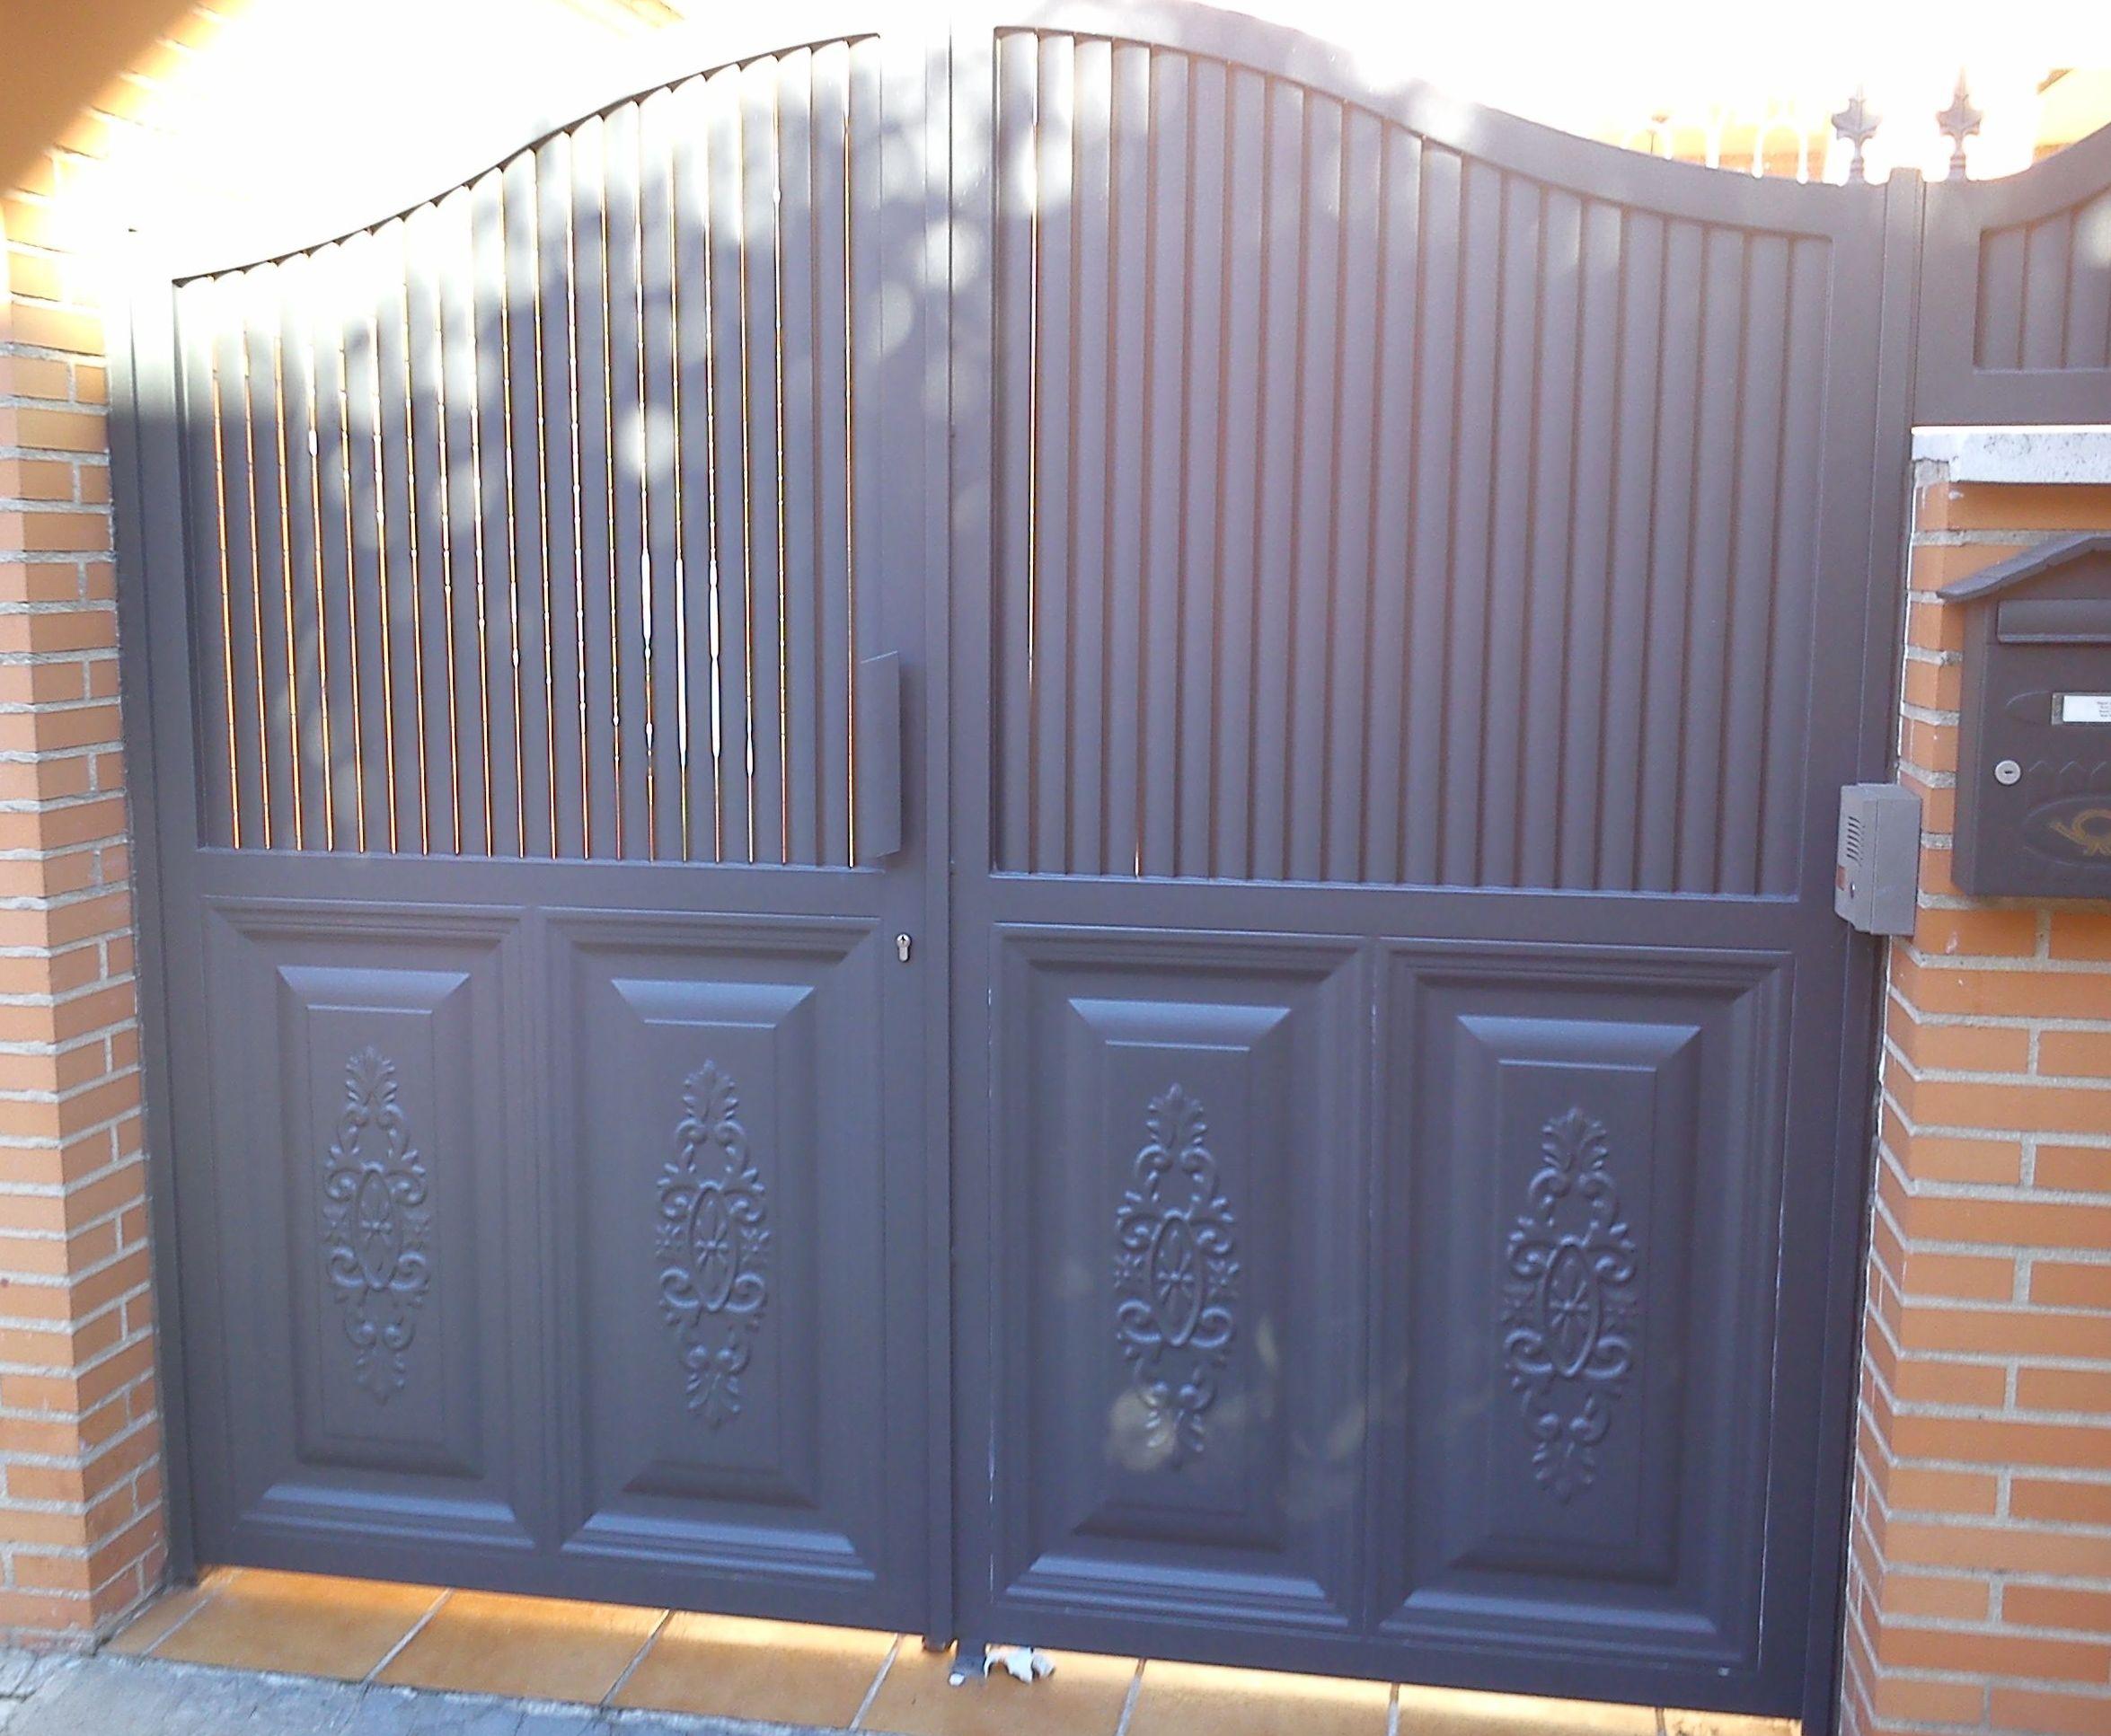 P33 - Puerta de acceso a vivienda